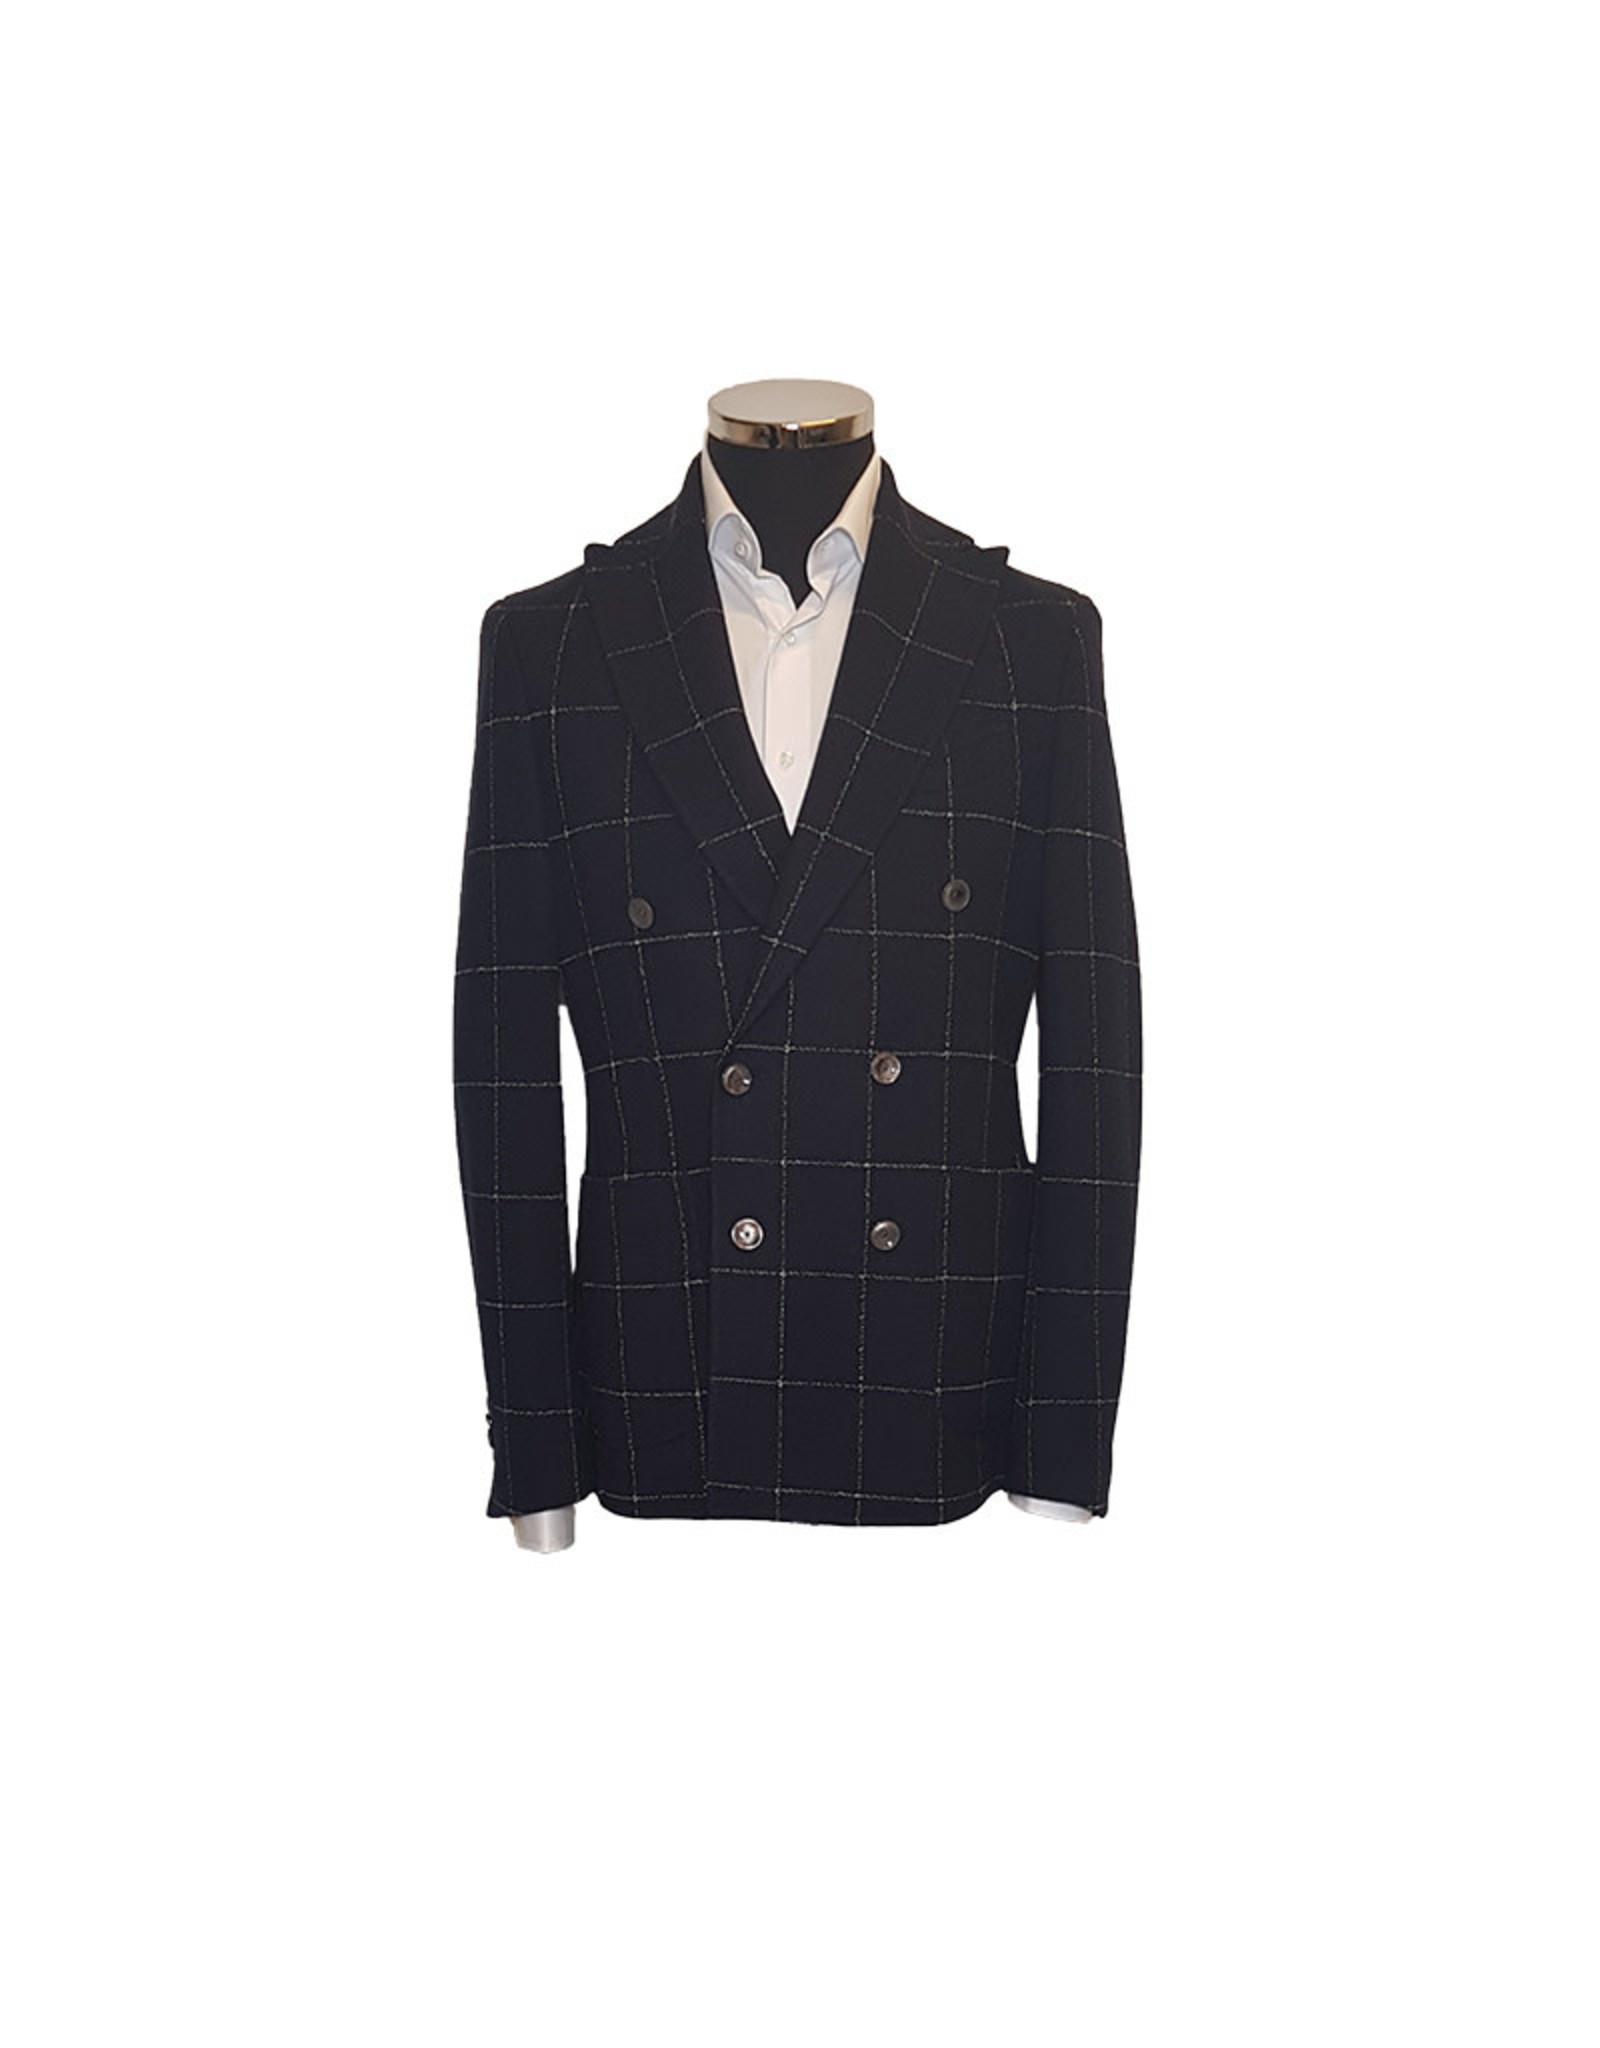 Latorre Gabiati vest blauw Ischia JA1083